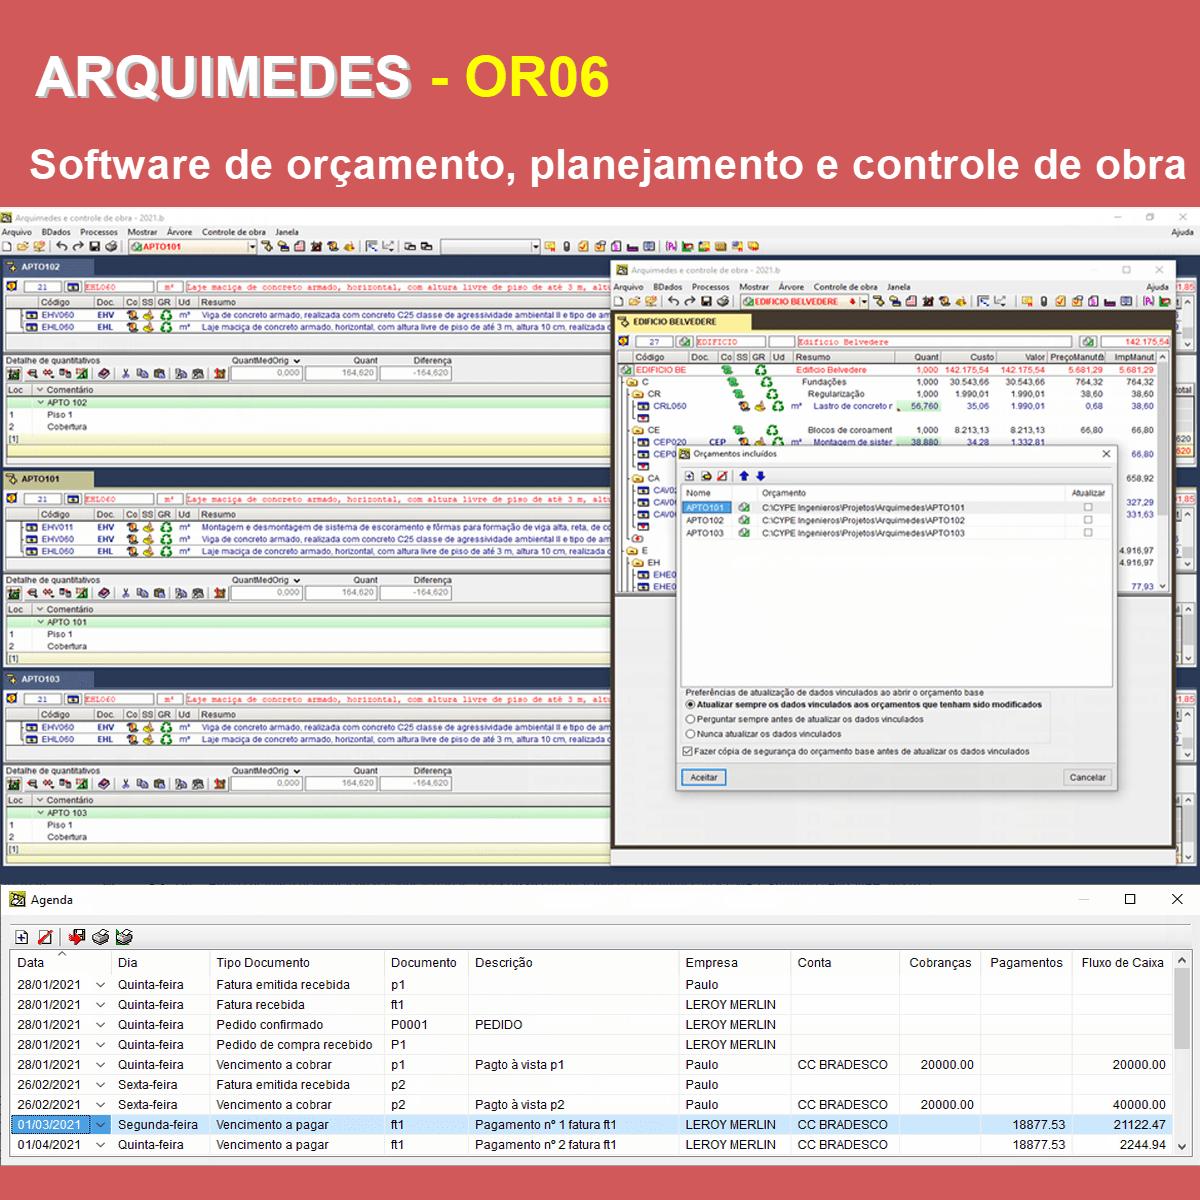 """Software Arquimedes OR06 versão 2021 (Licença Eletrônica) incluindo a modulação descrita em """"Itens Inclusos"""" a seguir  - MULTIPLUS SOFTWARES"""